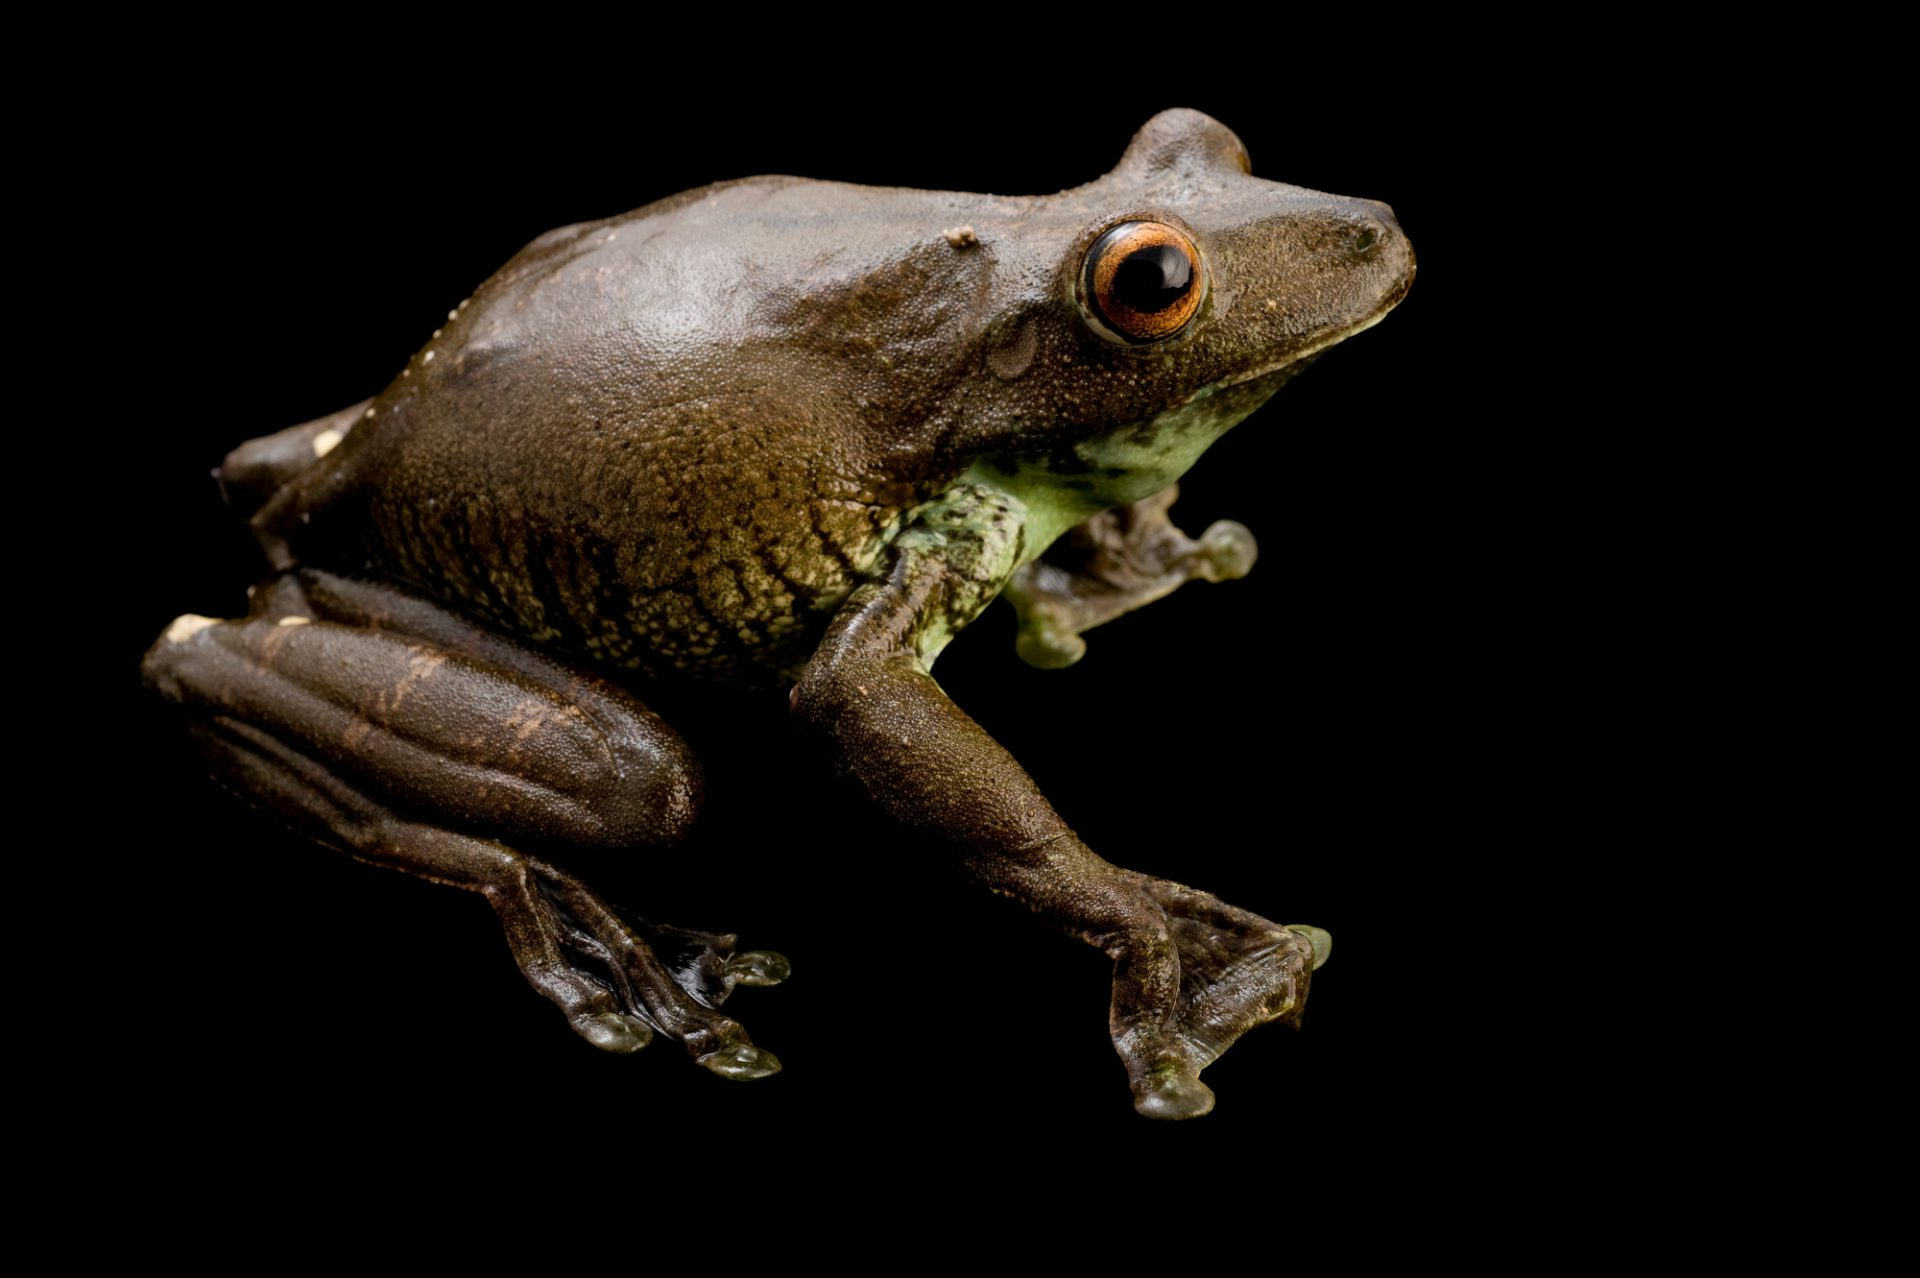 A gladiator frog (Hypsiboas boans) near Limon, Ecuador.